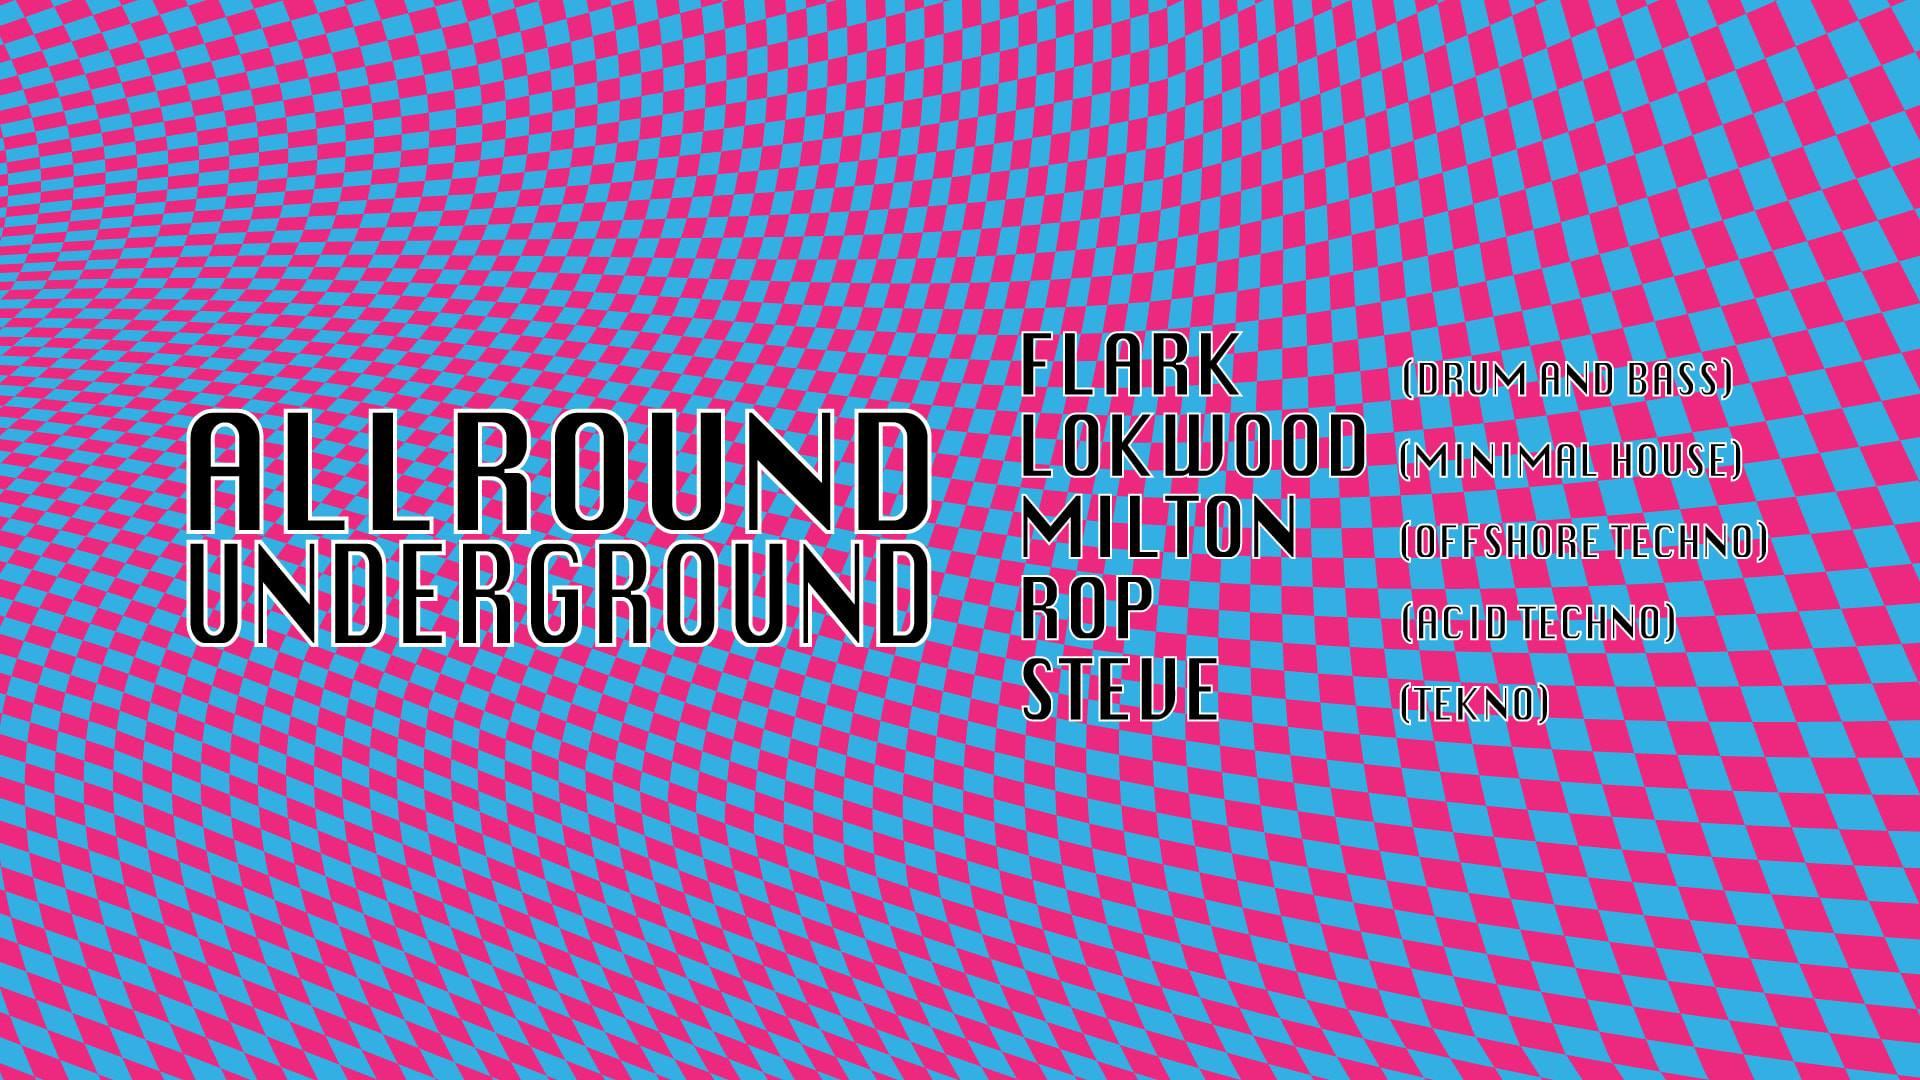 Allround Underground - V1 - Here & Now in Groningen